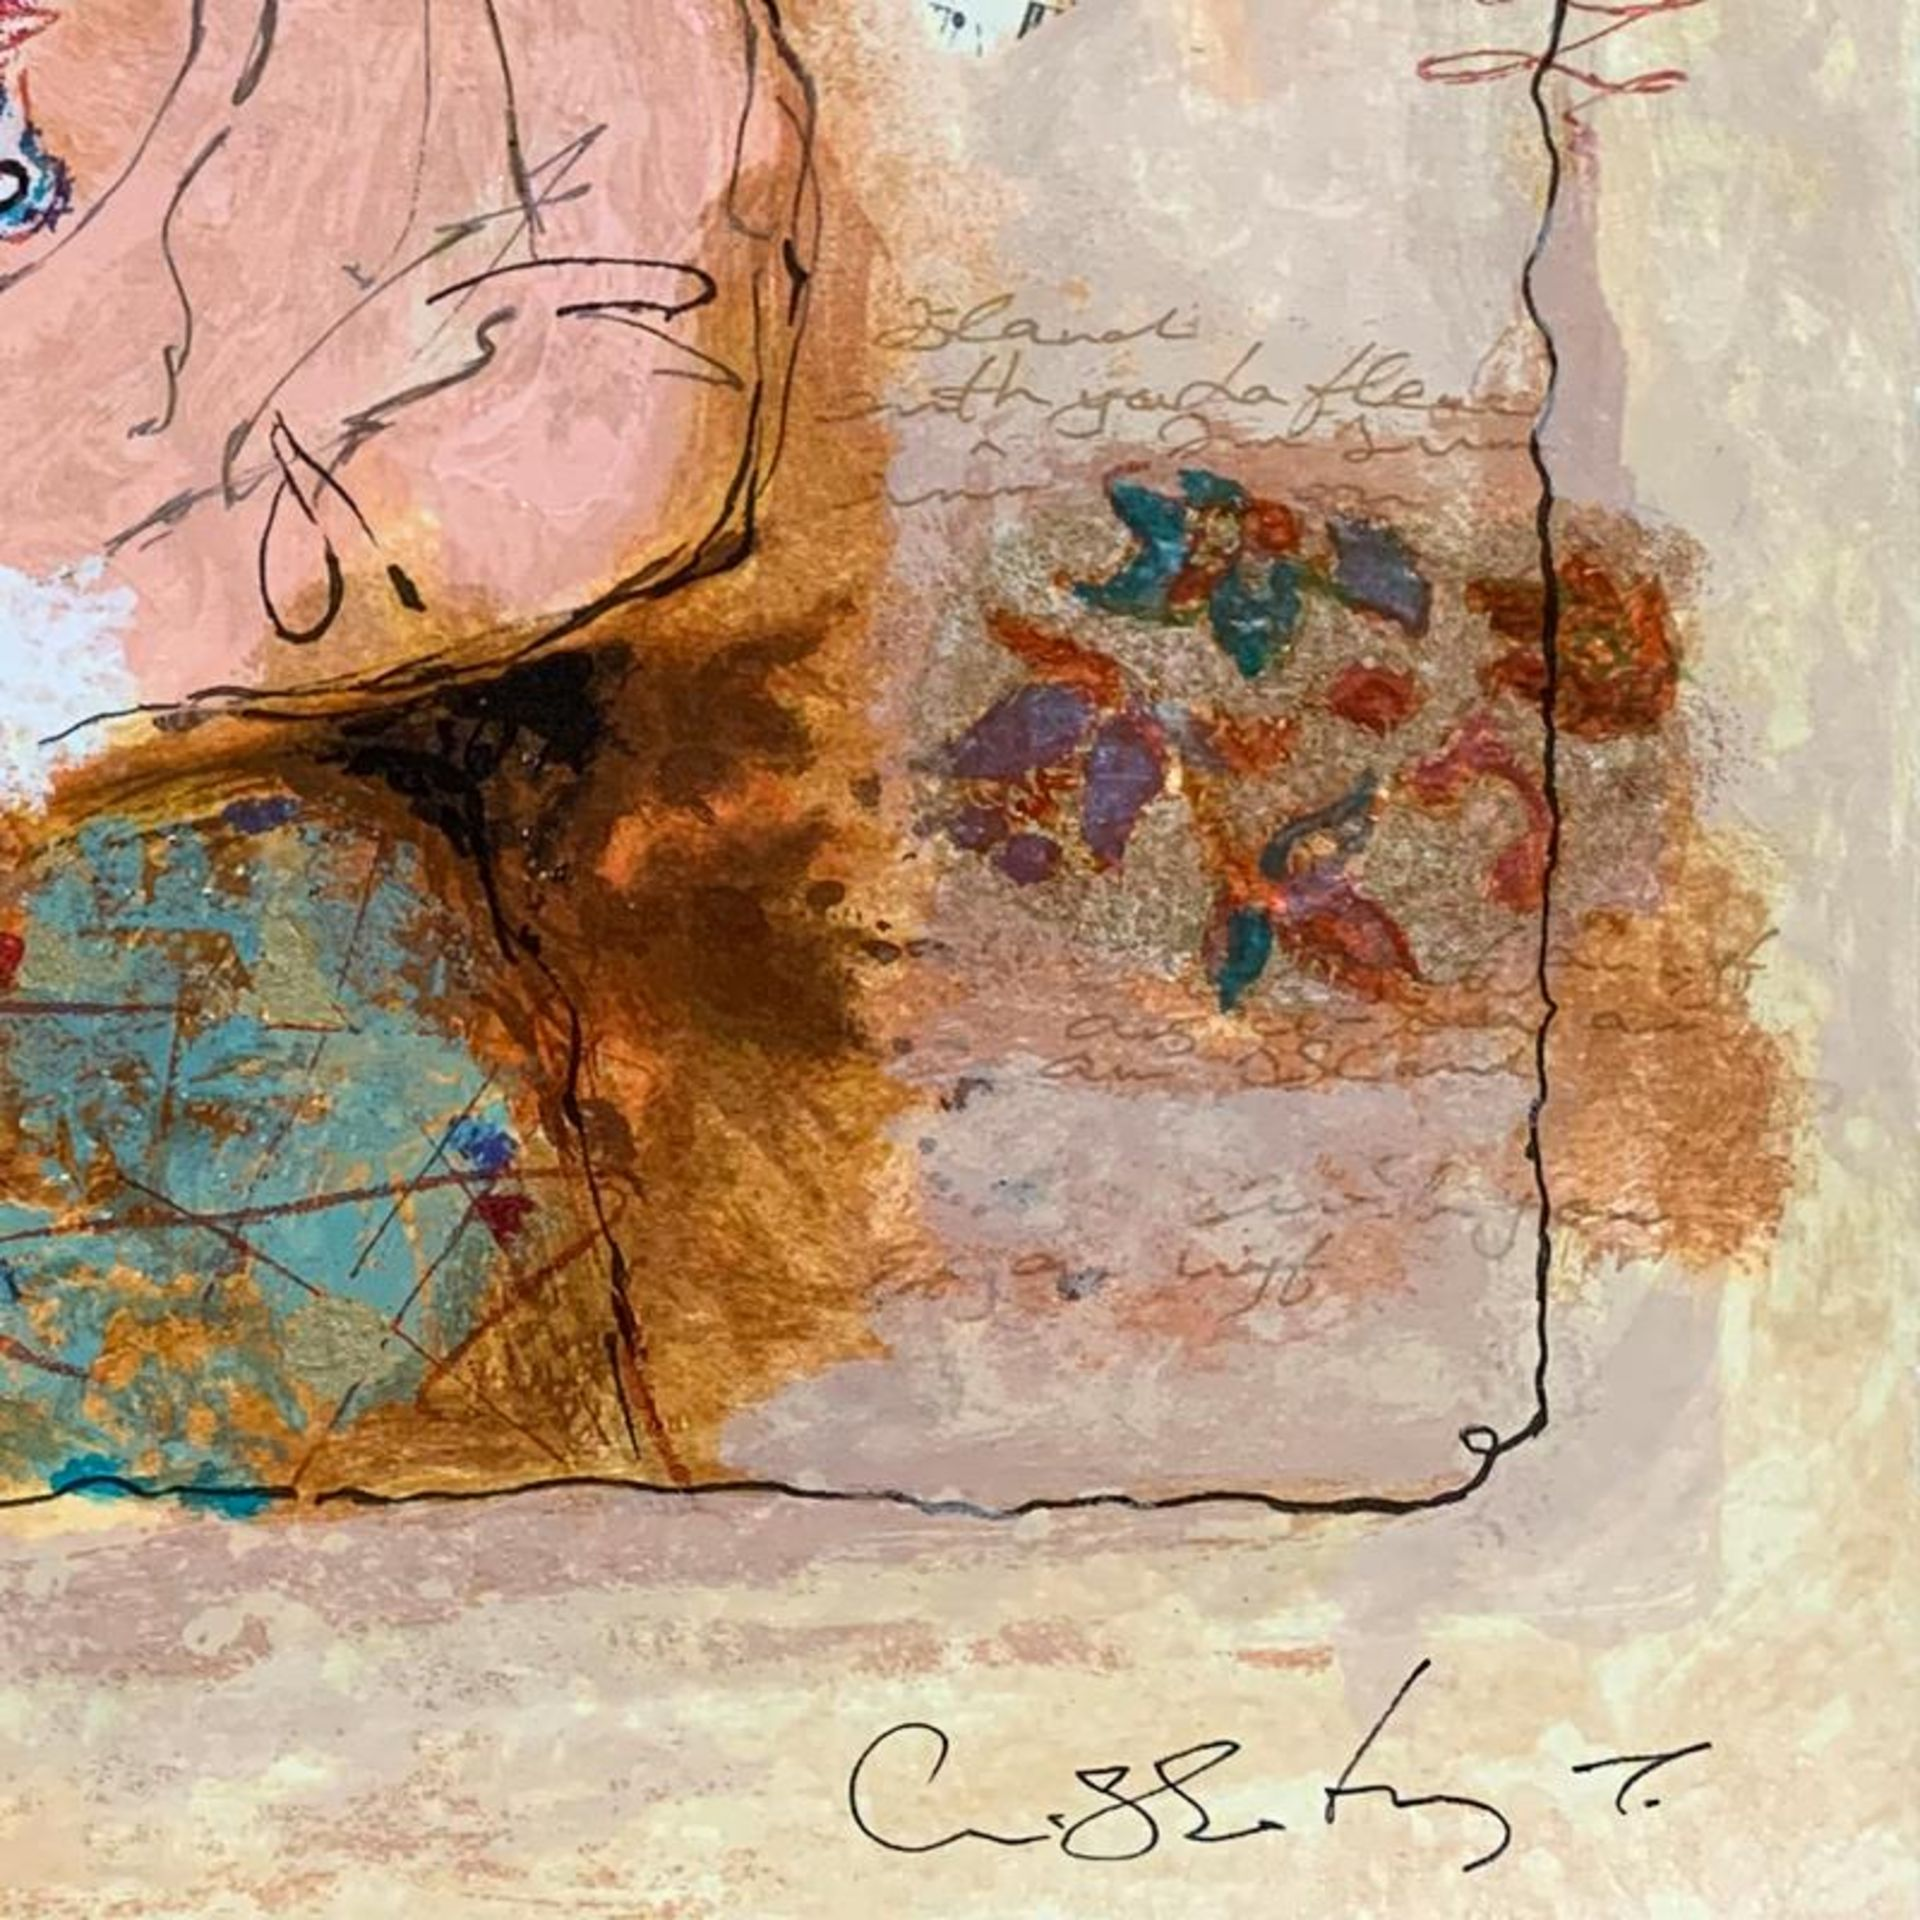 """Alexander Galtchansky (1959-2008) and Tanya Wissotzky (1959-2006), """"Emmanuel"""" Ha - Image 2 of 3"""